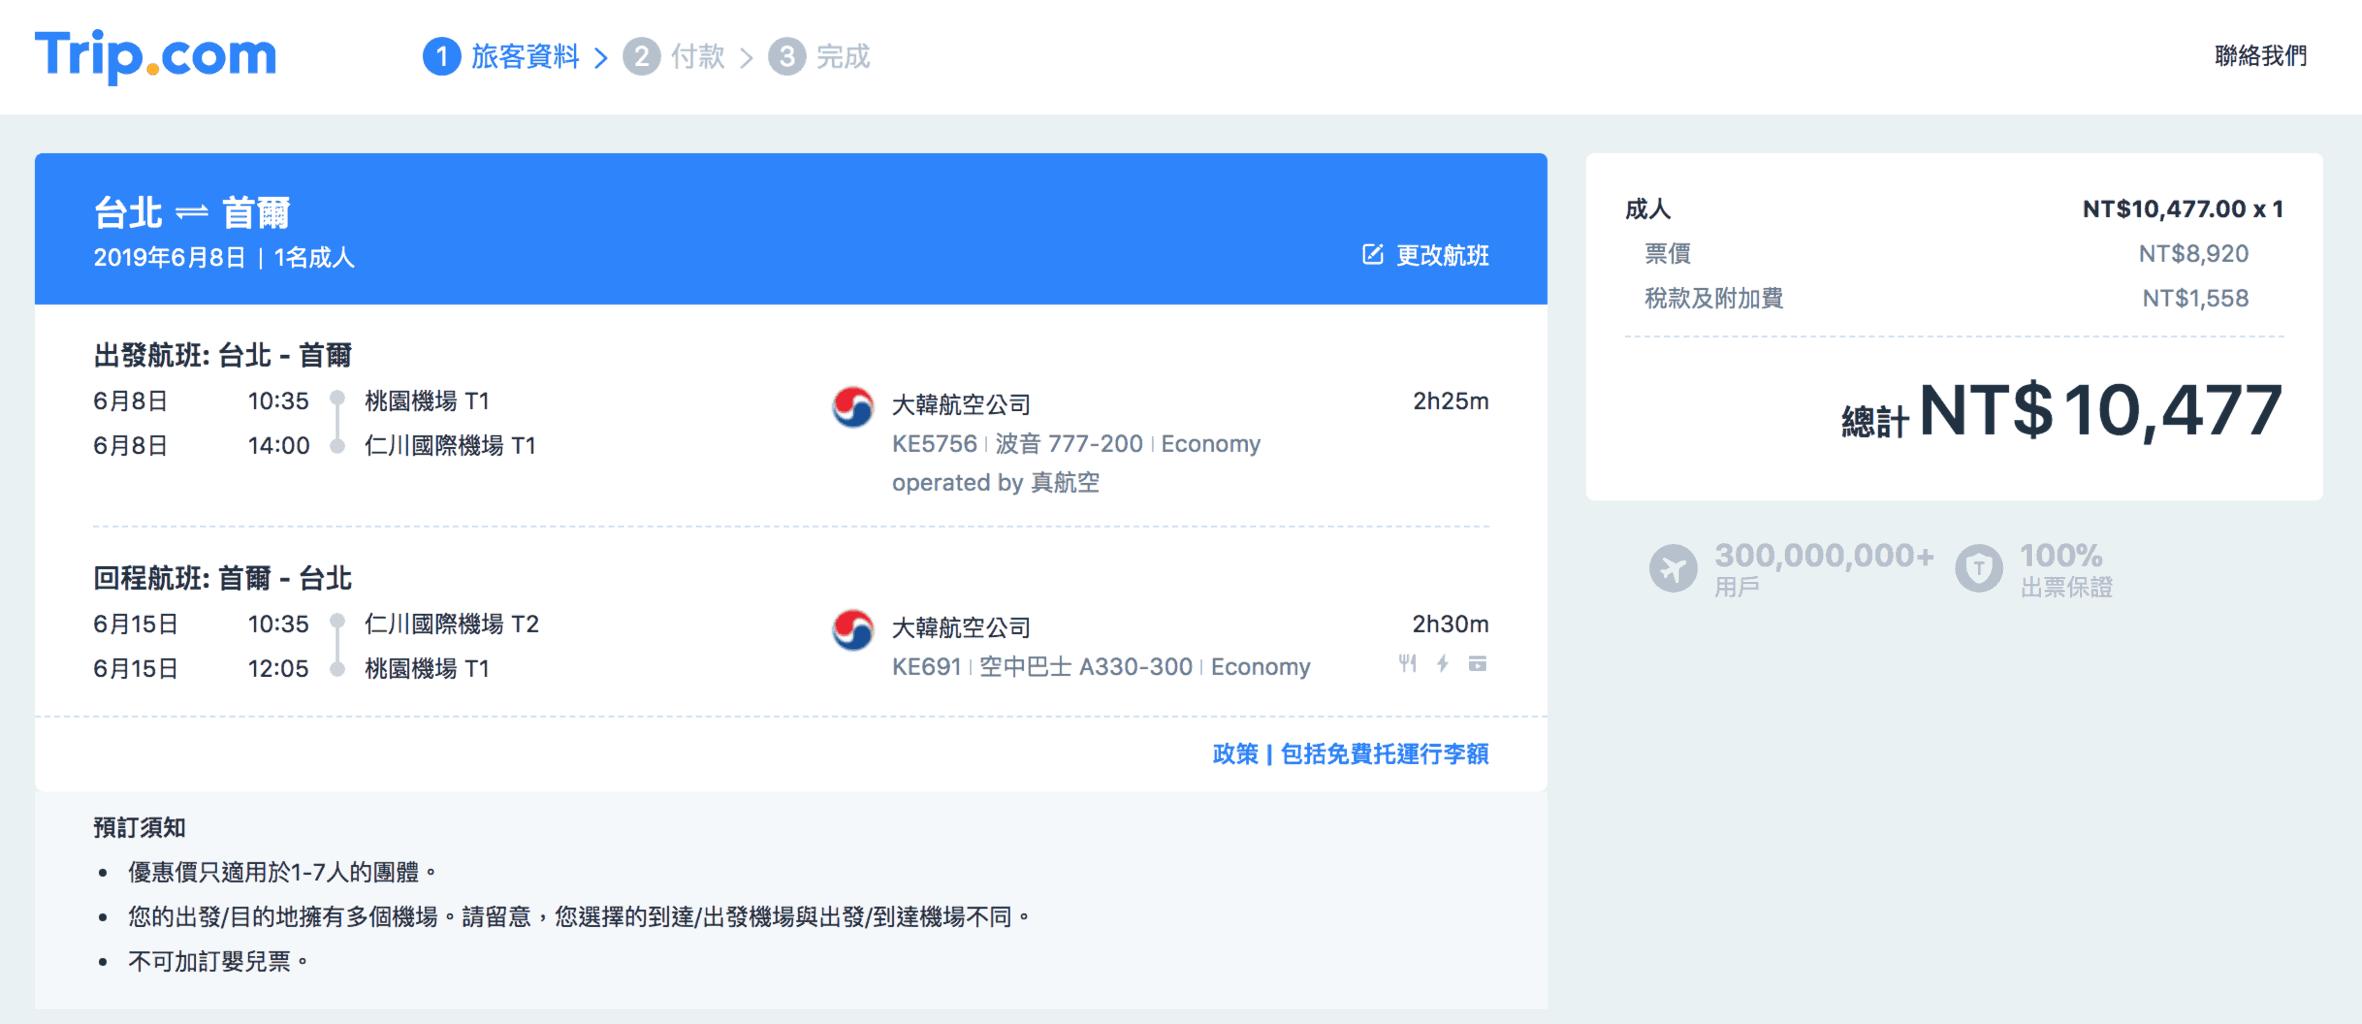 trip.com訂機票 - 價差示範 / 台北往返首爾